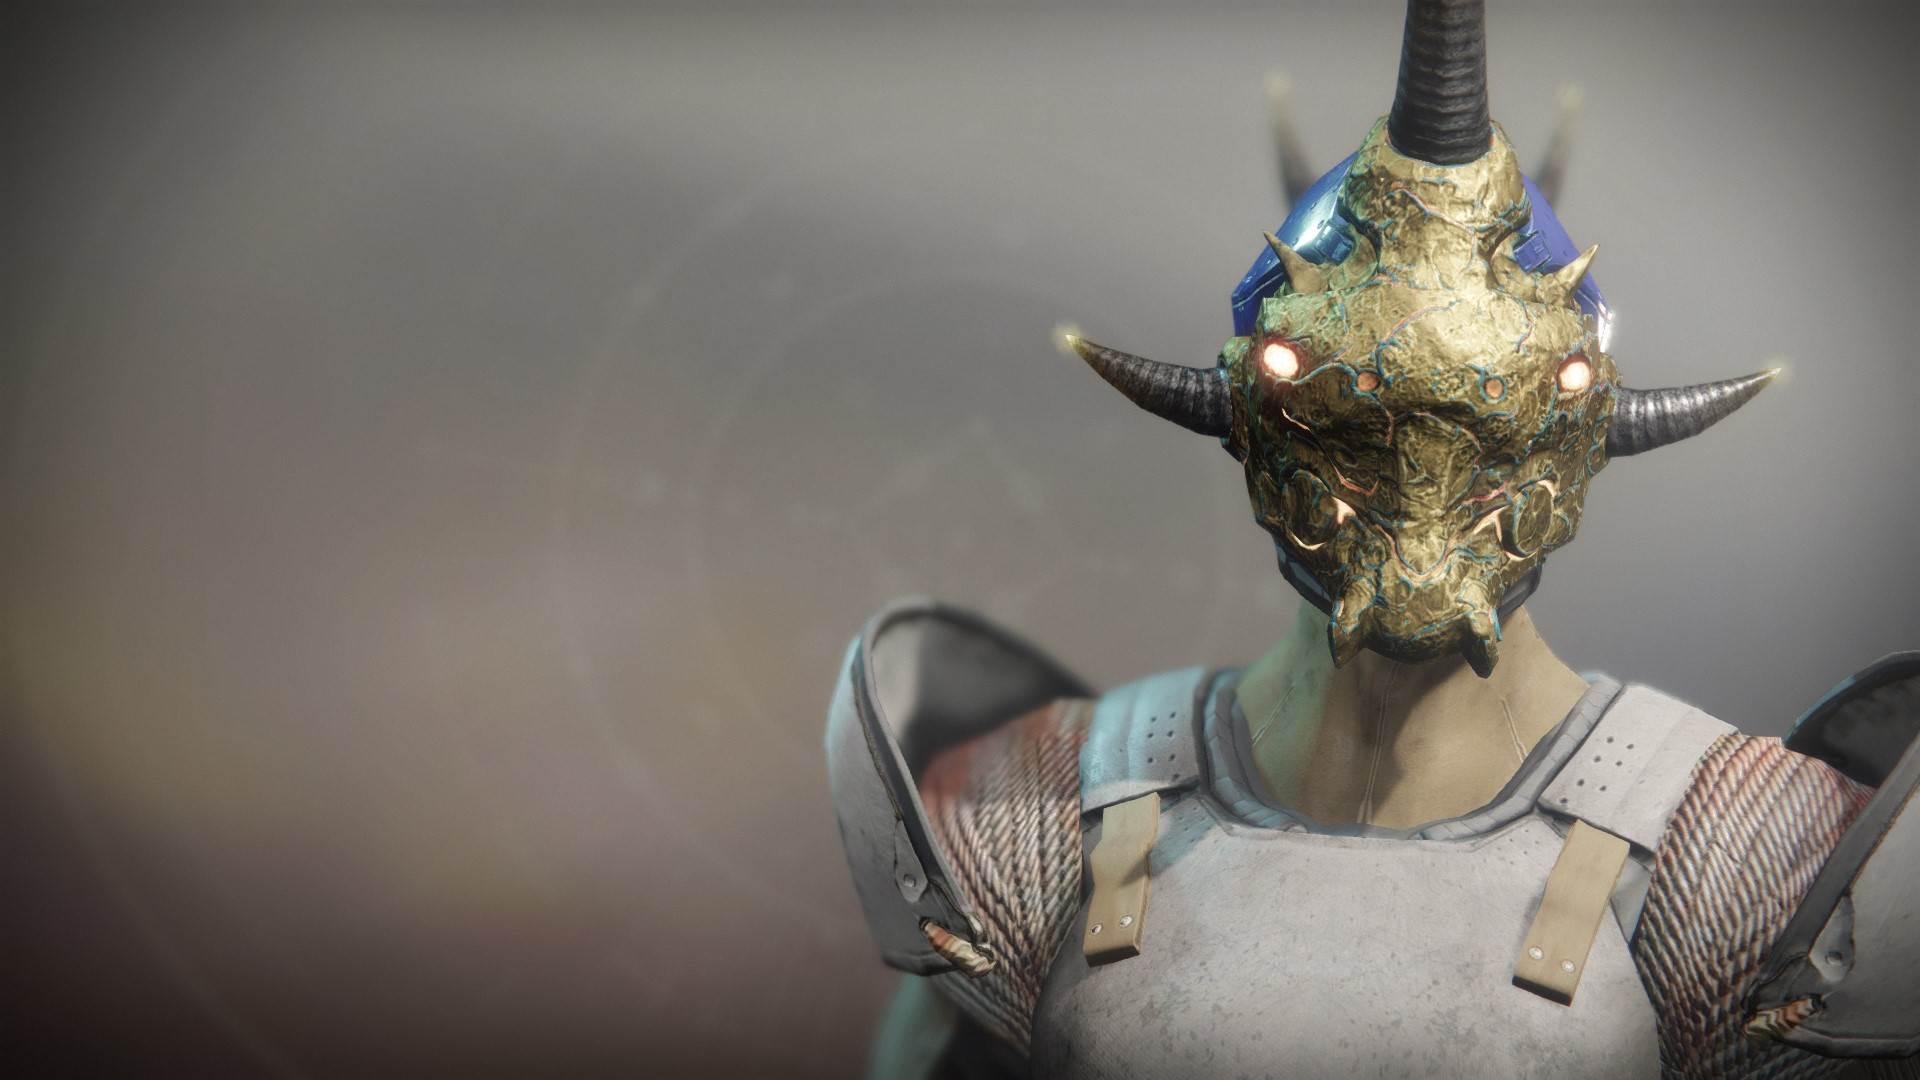 An in-game render of the Khepri's Horn.